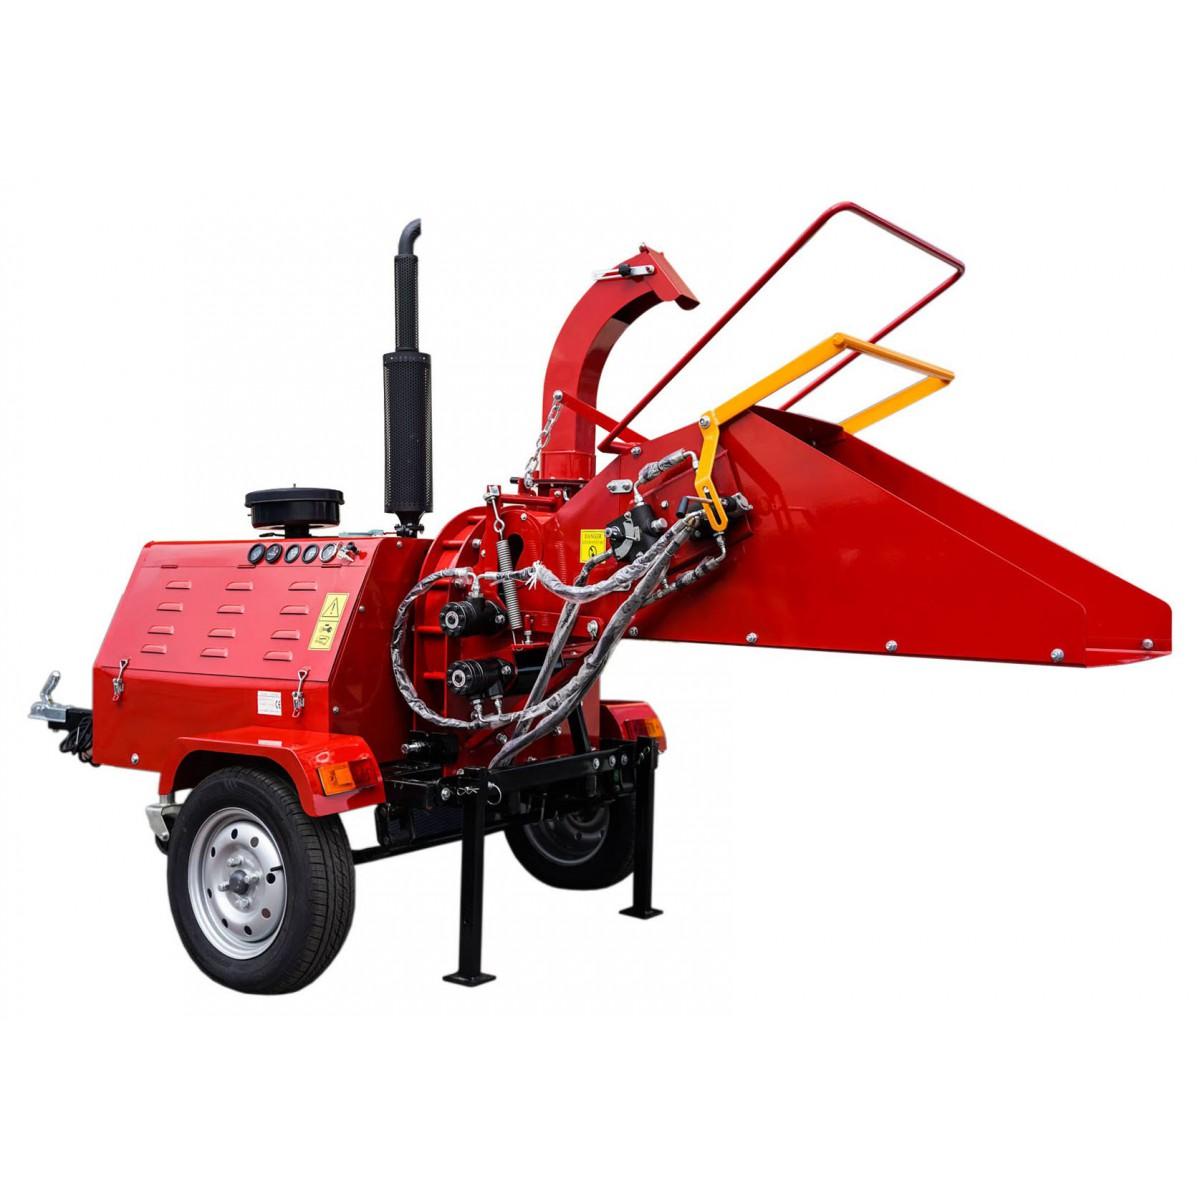 Бензиновый измельчитель с дизельным двигателем 40 км, гидравлический забор измельченного материала